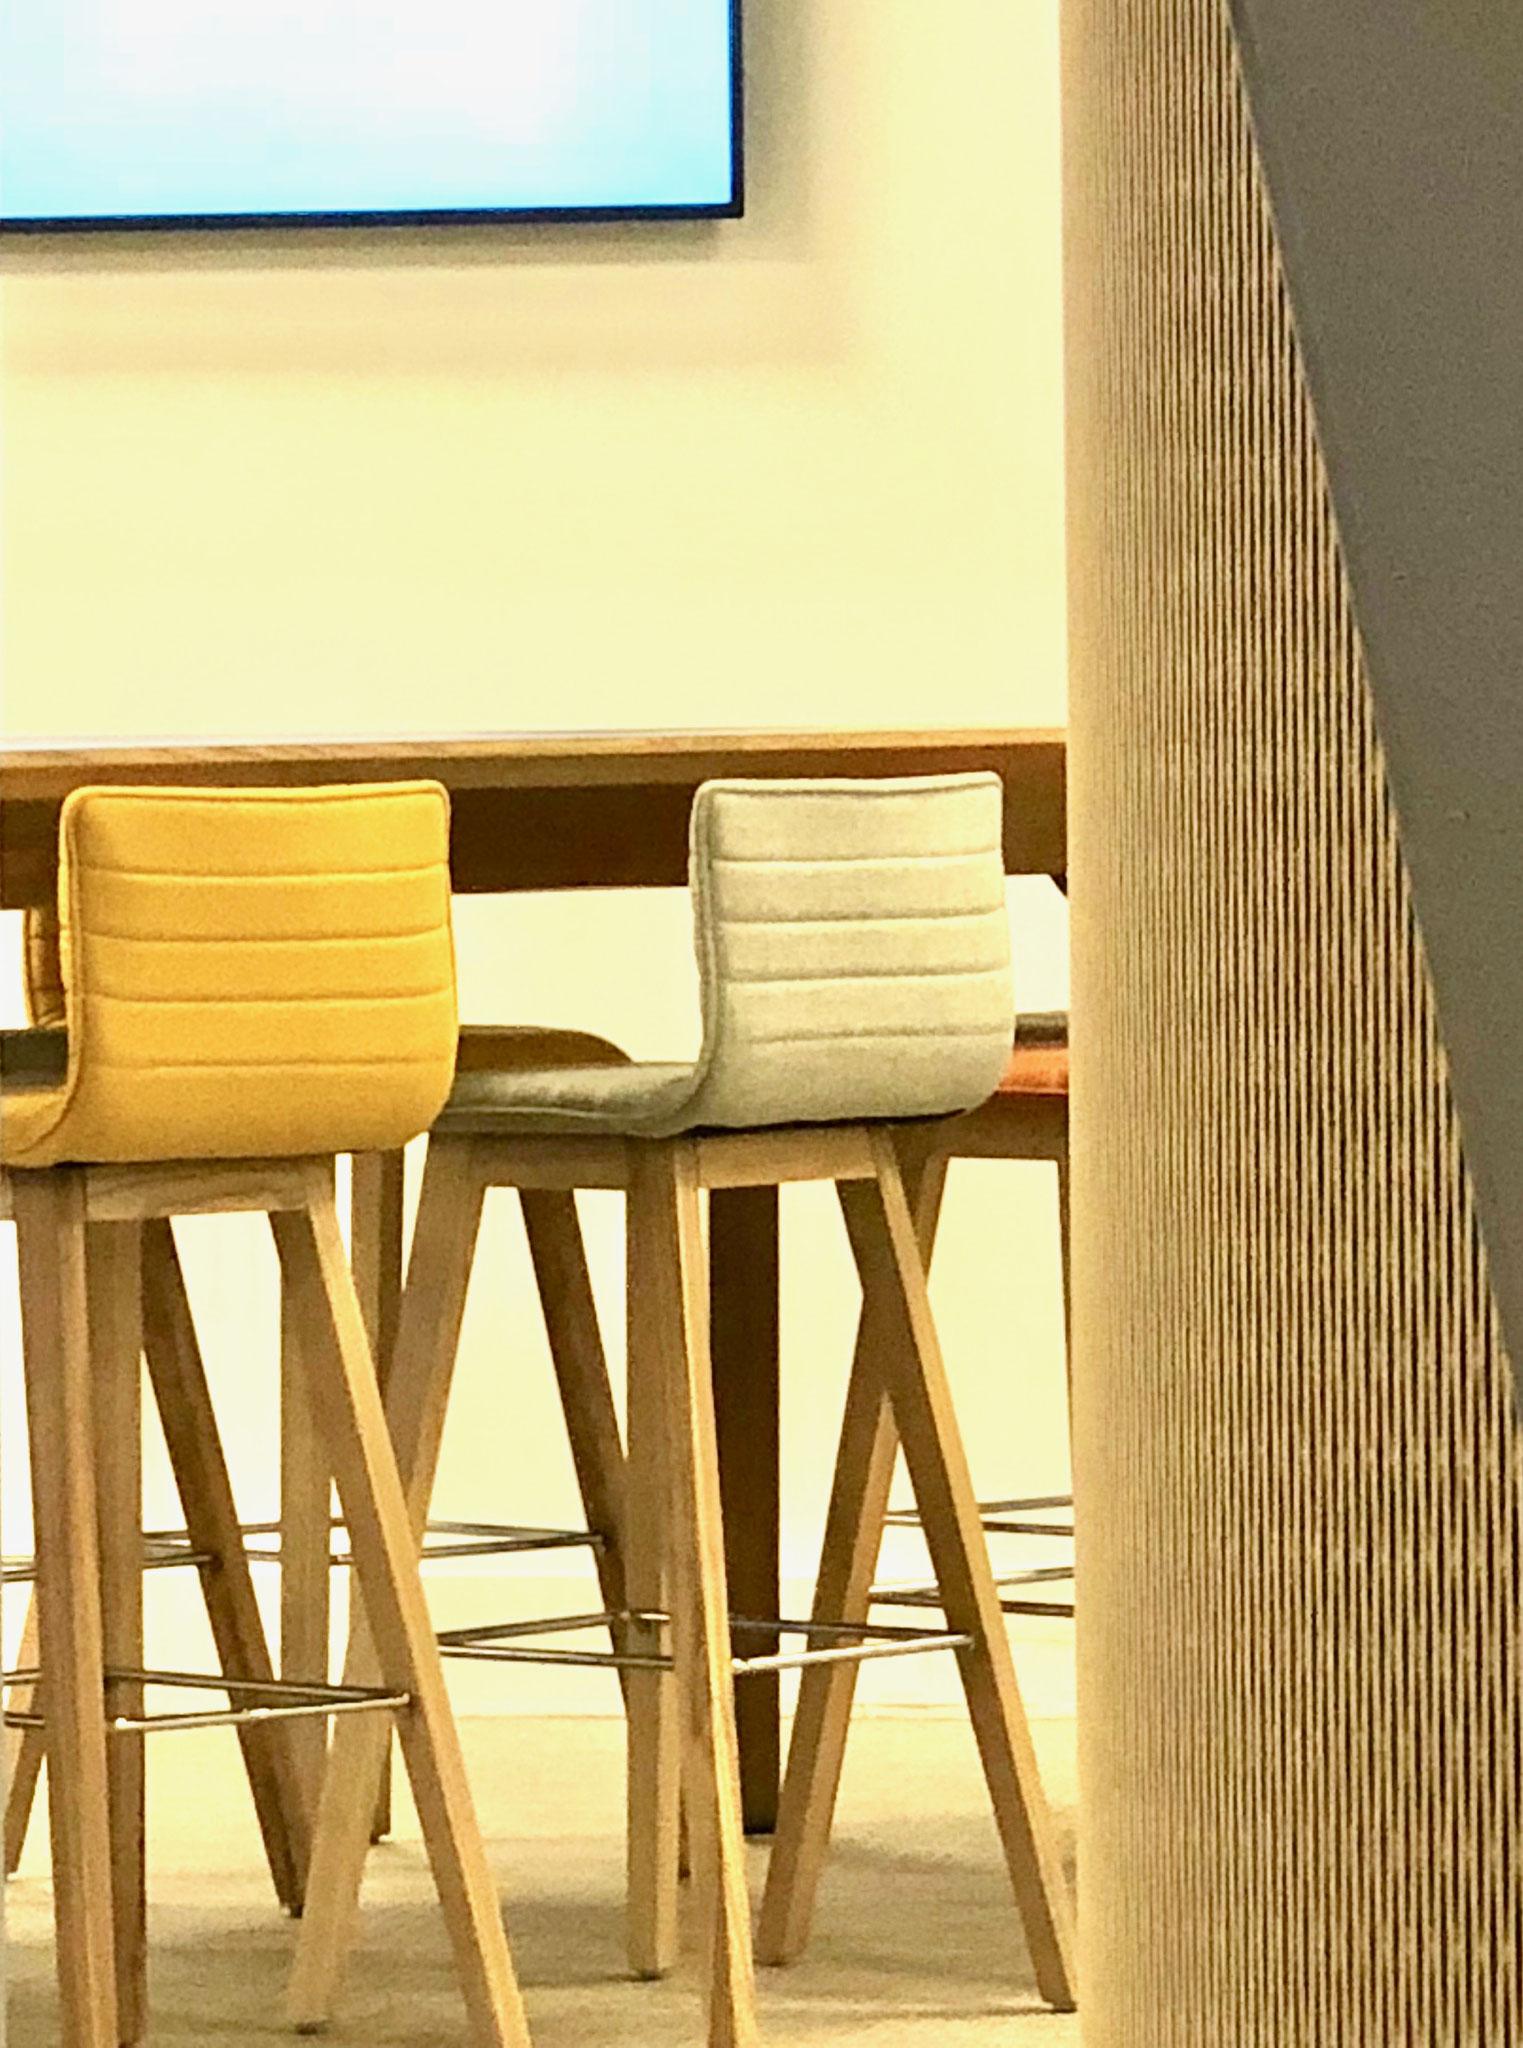 les assises en tissu et bois pour un meilleur bien-être au travail